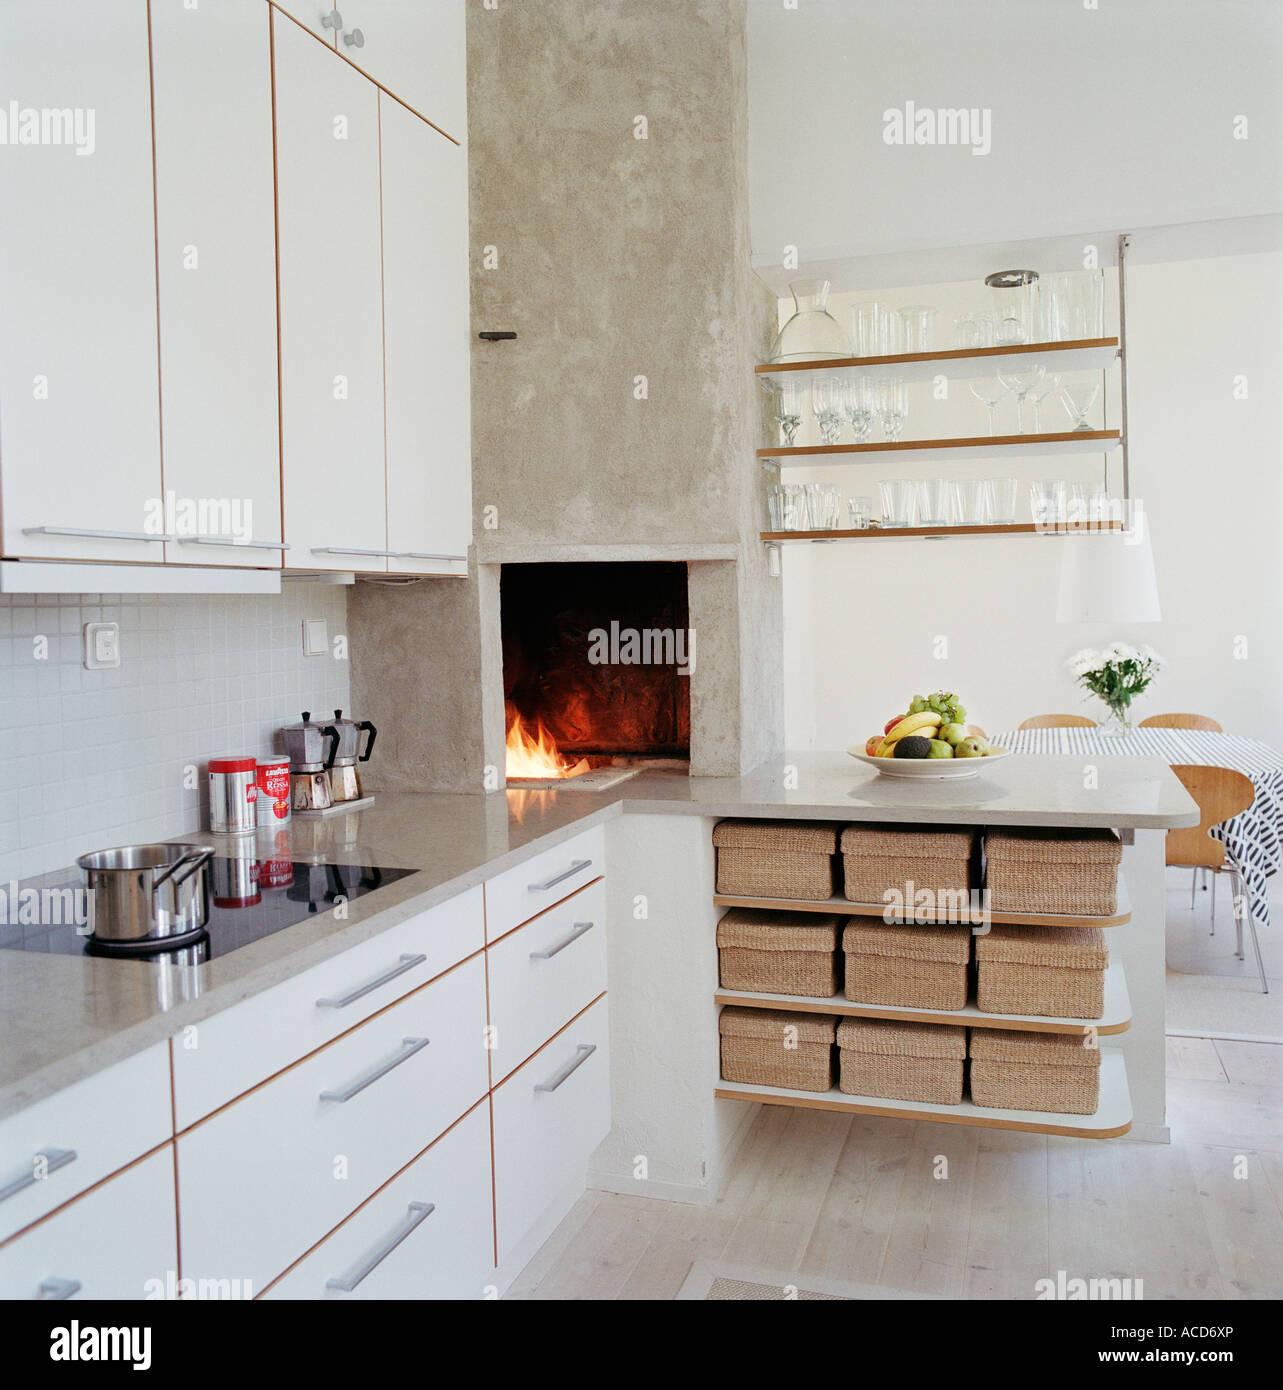 Ausgezeichnet Design Der Küche Kamin Zeitgenössisch - Küche Set ...